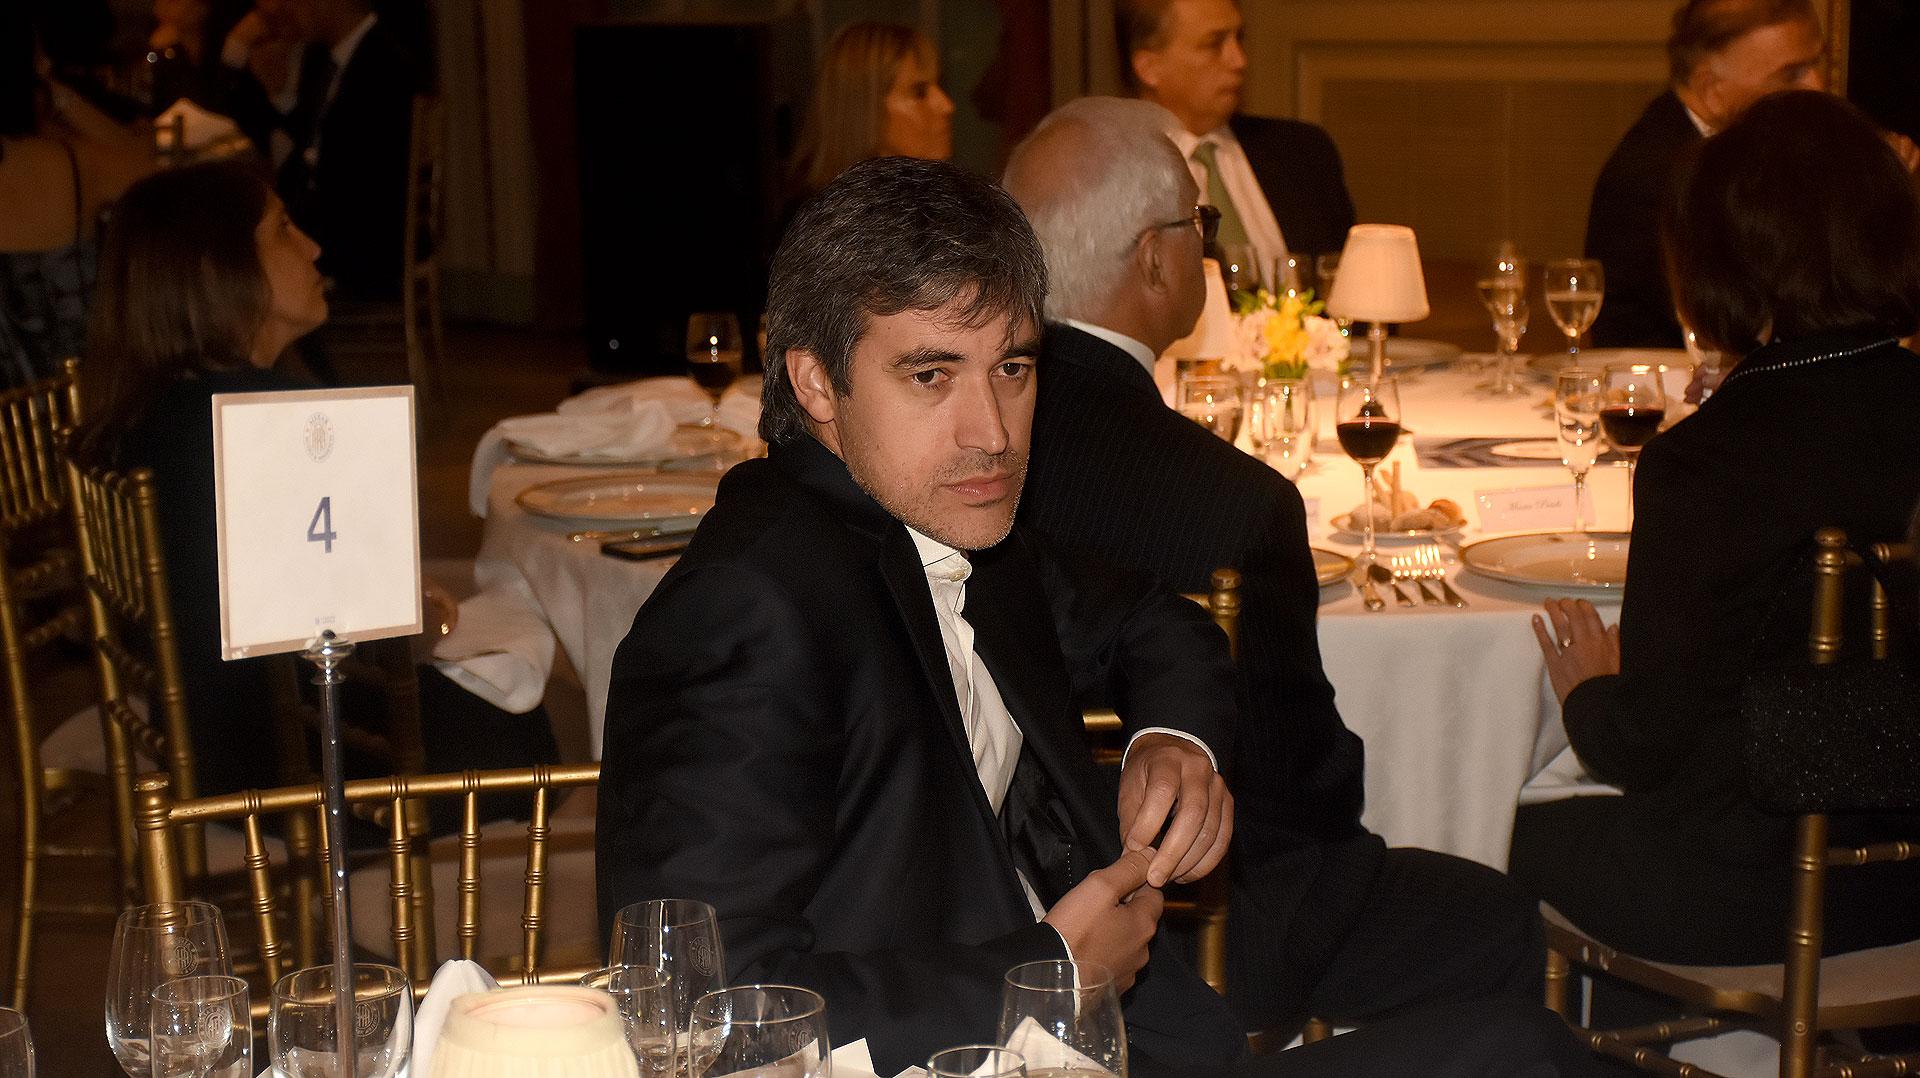 El secretario de Asuntos Políticos e Institucionales del ministerio del Interior, Adrián Pérez